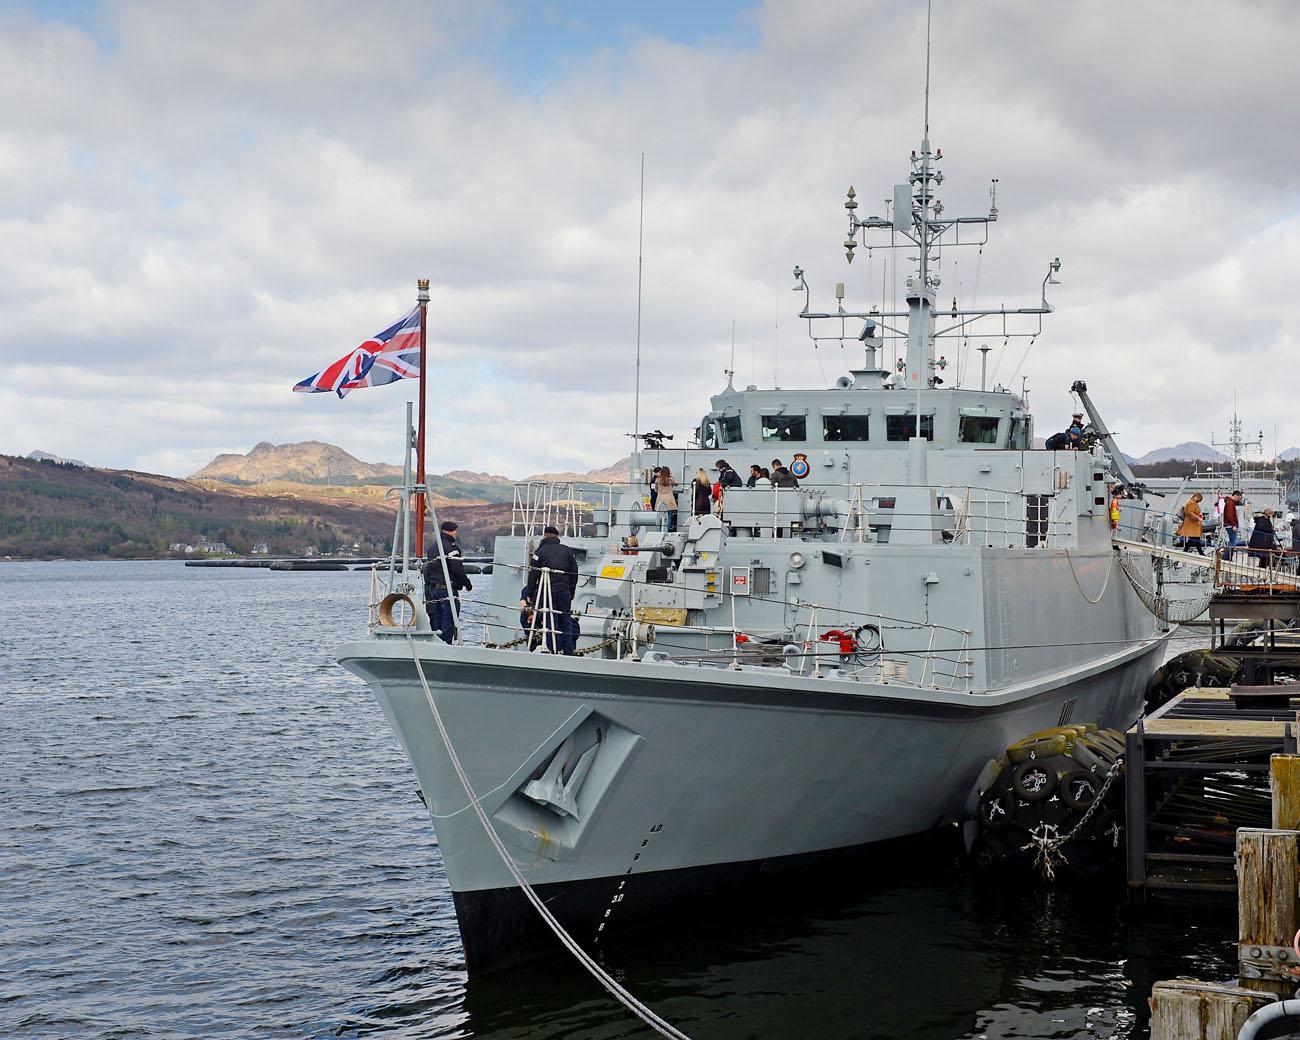 Великобритания передаст Украине два противоминных корабля – HMS Blyth и HMS Ramsey: фото